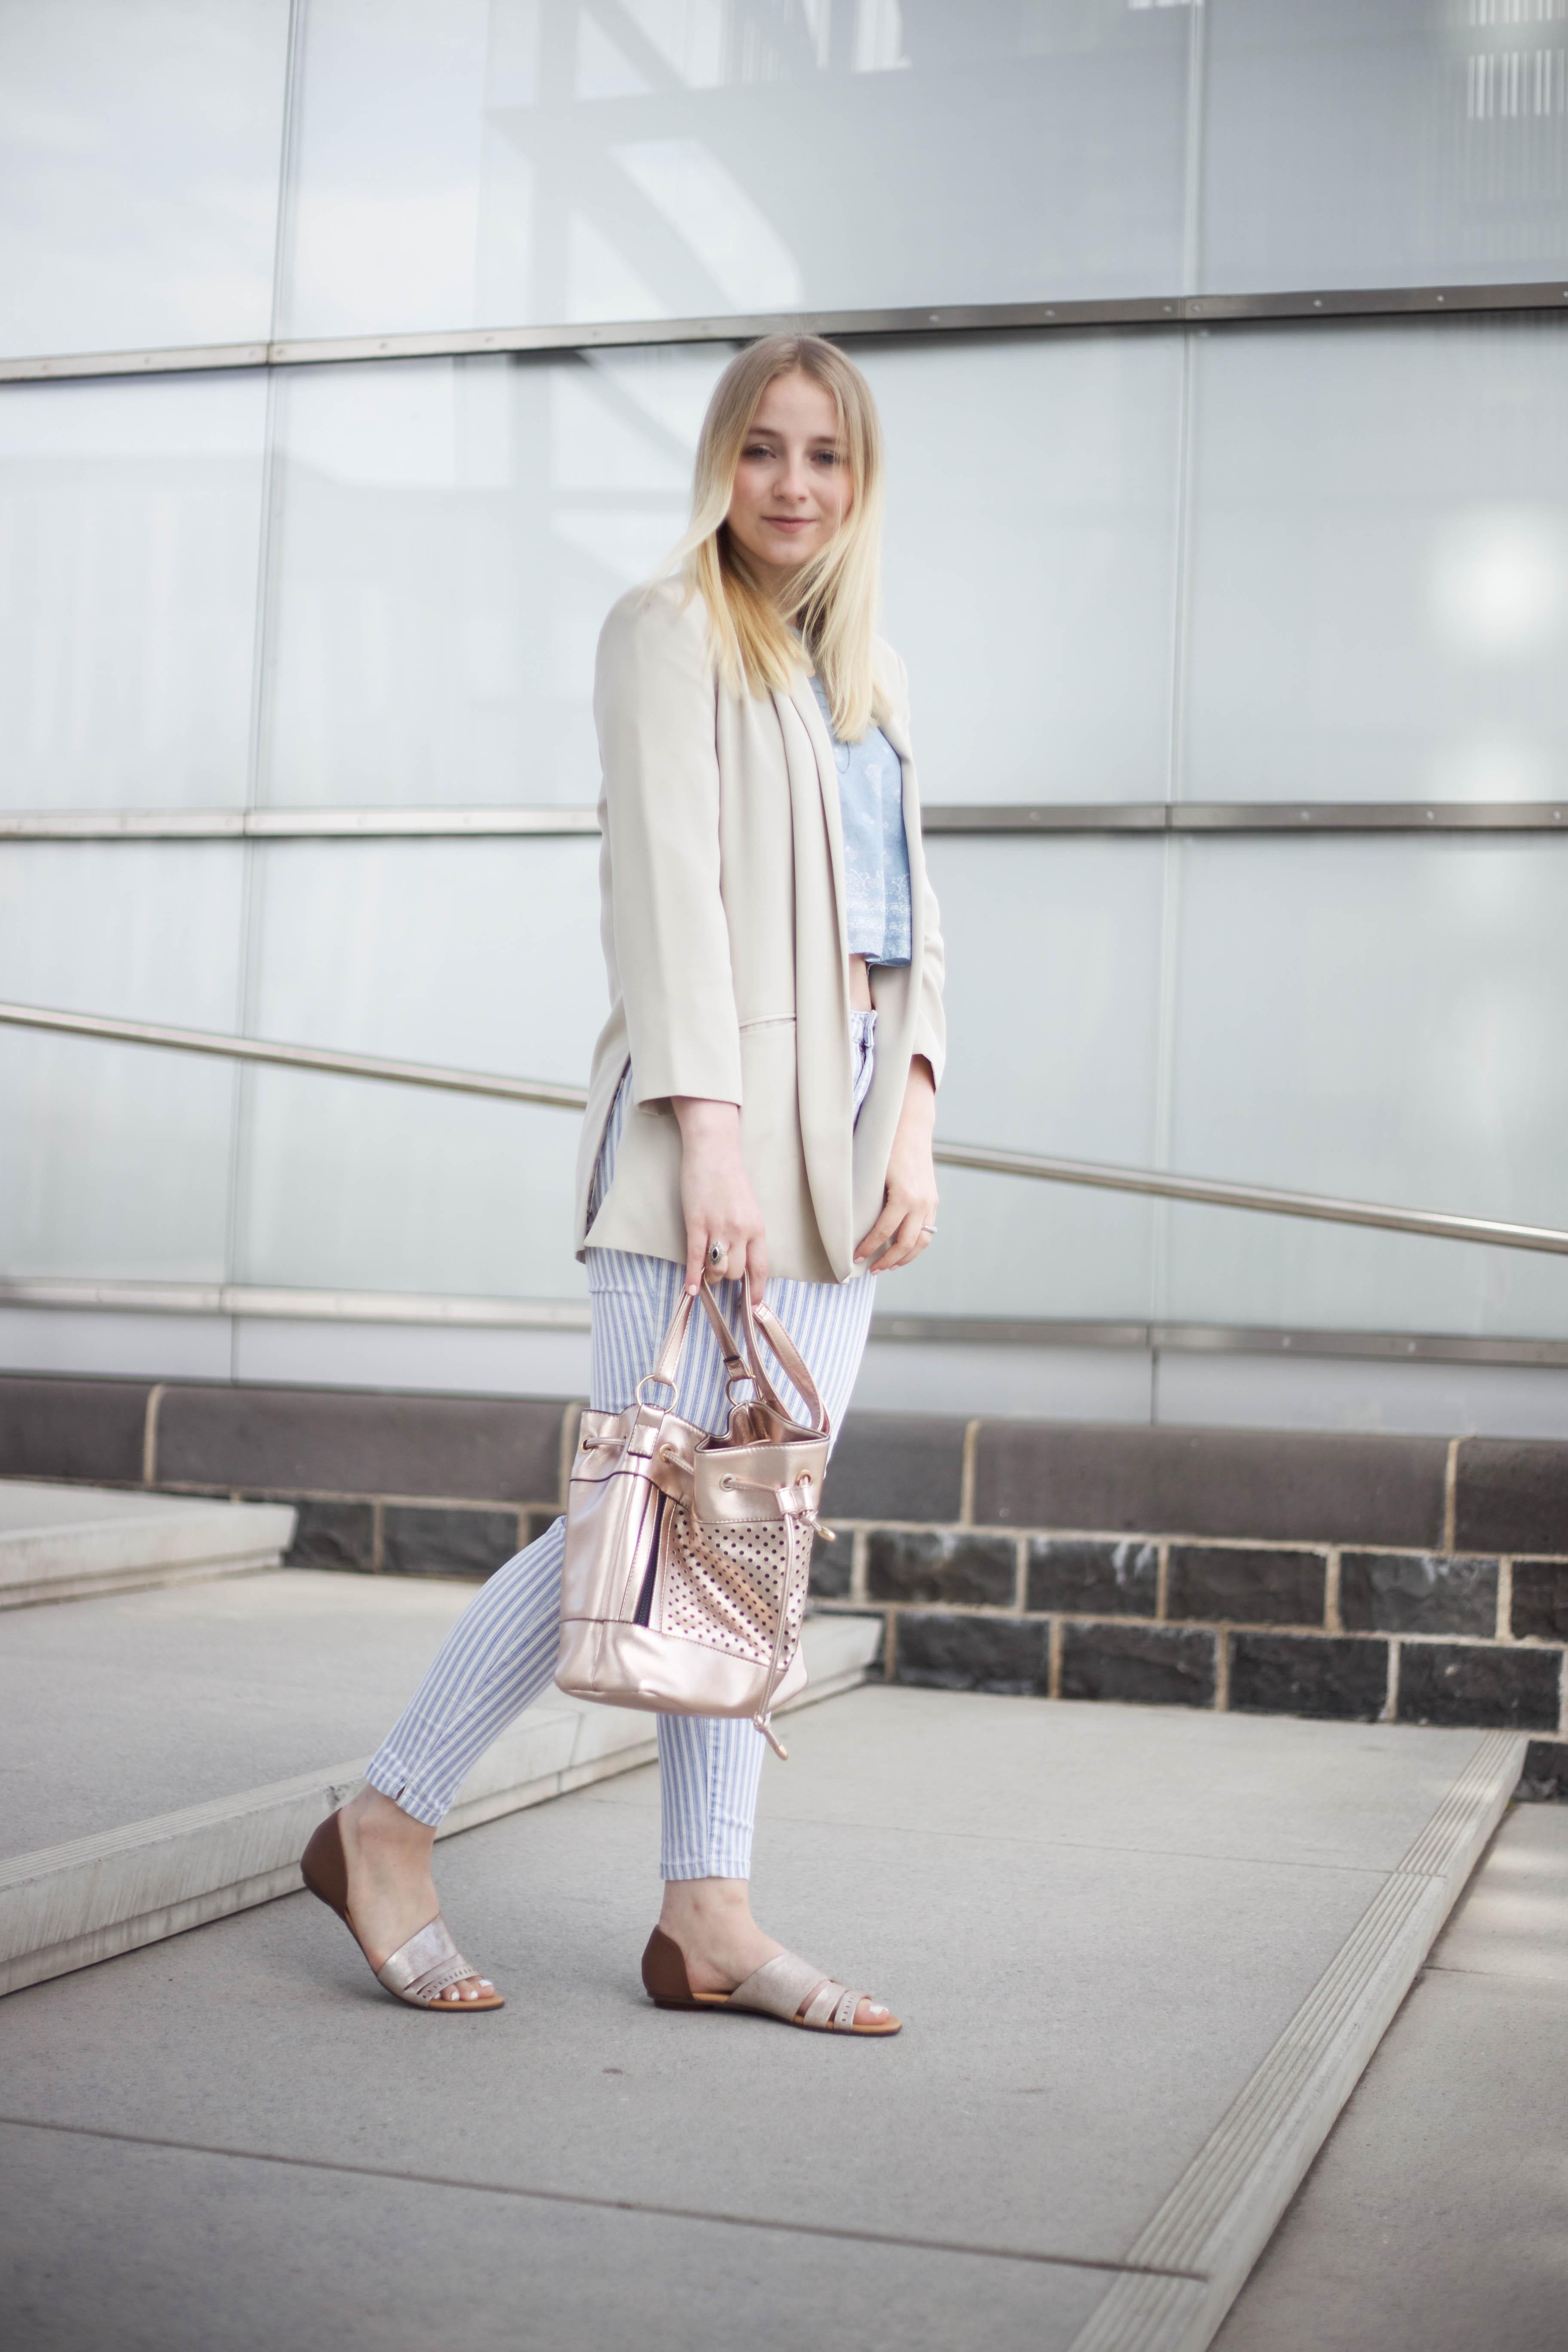 striped-jeans-helle-farben-kölnbloggt-frühlingsoutfit-modeblog_5820